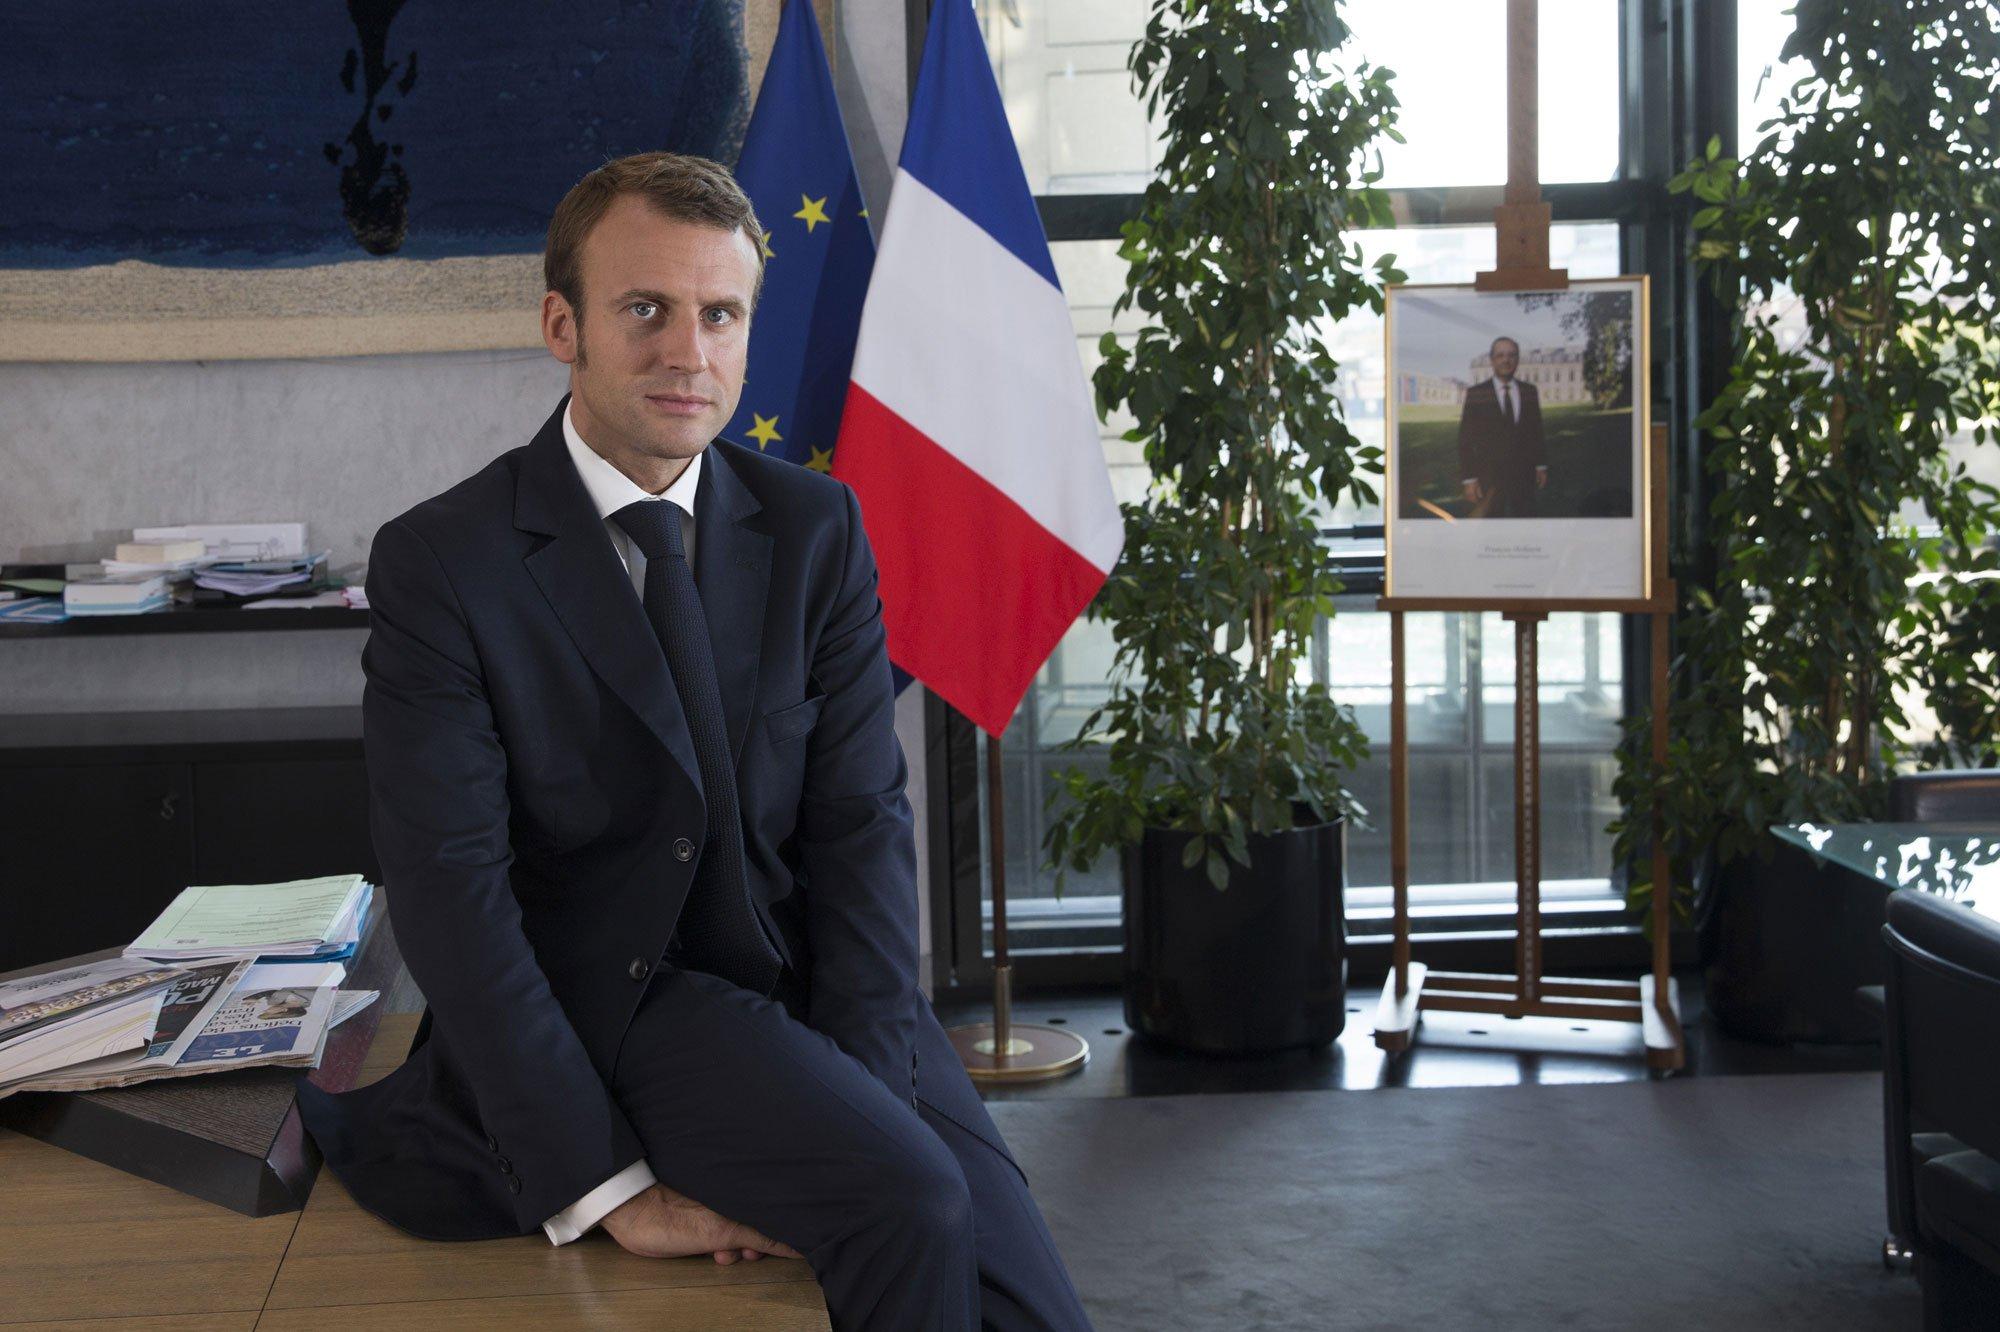 Banqueiro Emmanuel Macron apresenta-se como candidato às presidenciais francesas de 2017